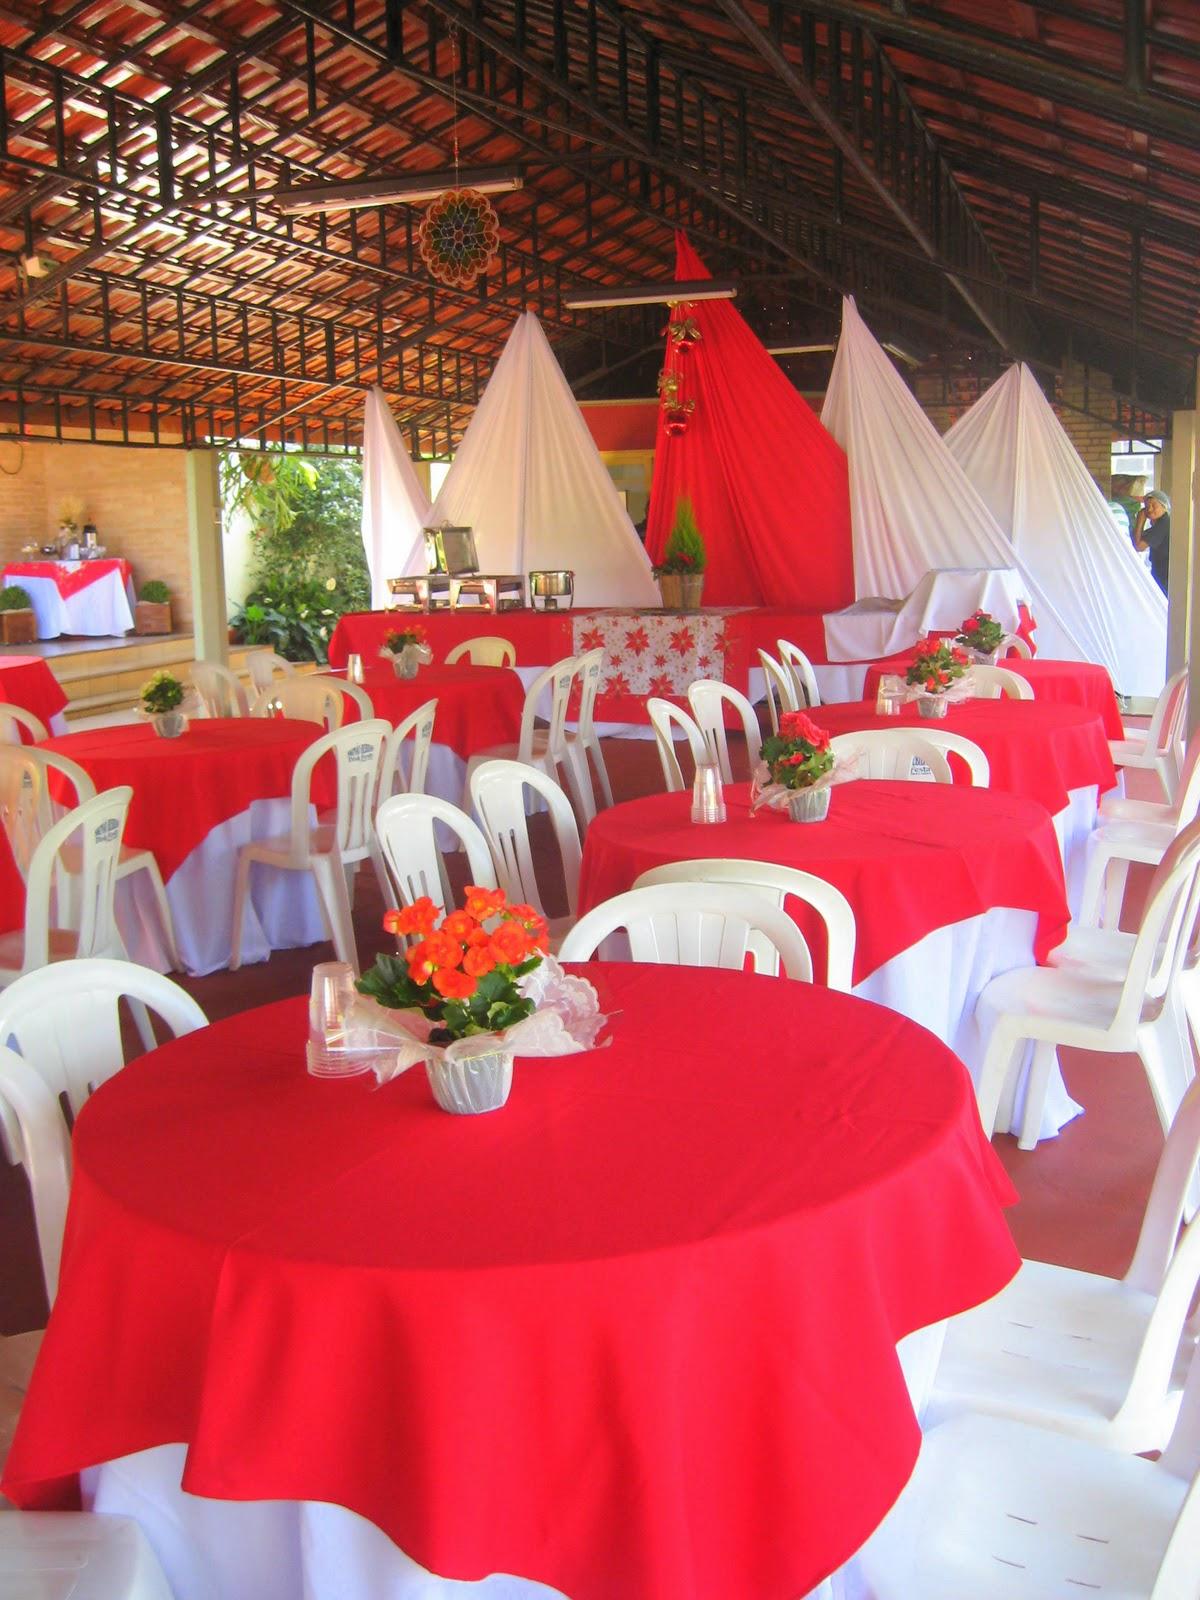 decoracao festa natal:Chácara São Pedro: Decoração natalina vermelha e branca